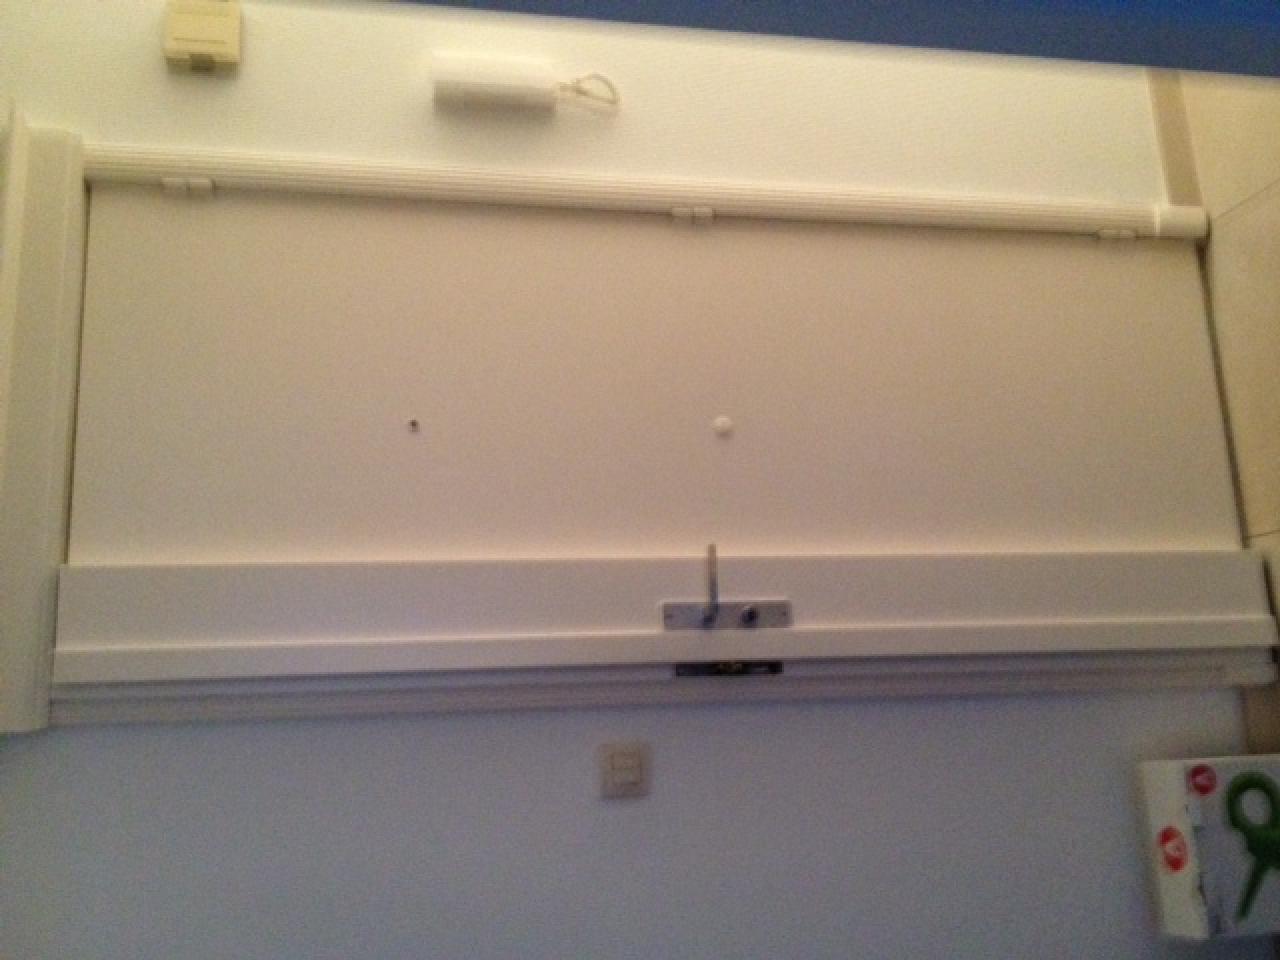 Comment d monter la clenche int rieure d 39 une porte blind e fichet - Enlever une porte interieure ...